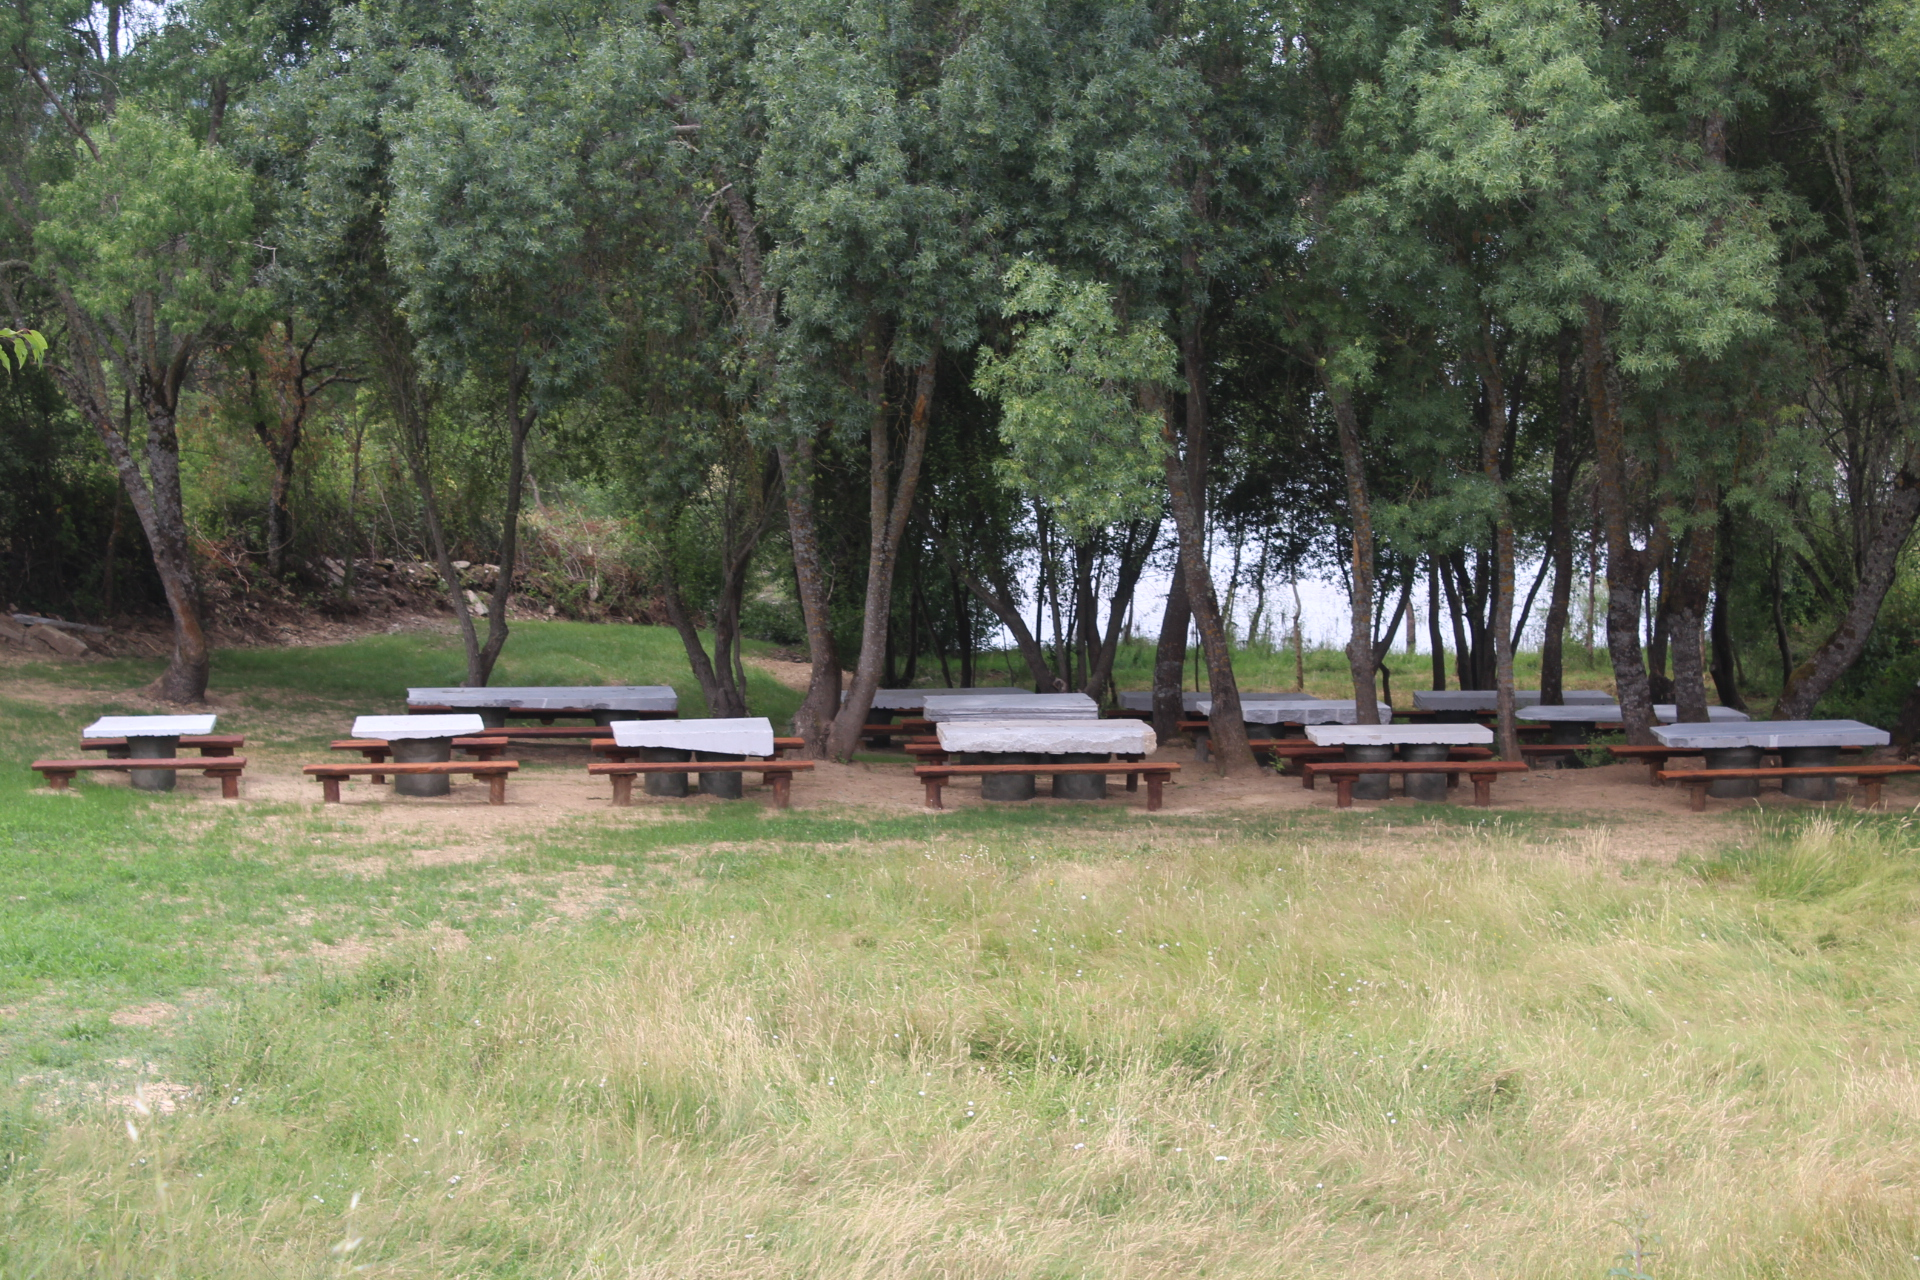 Câmara de Macedo contra parque de mesas junto ao Azibo, já no termo de Bragança